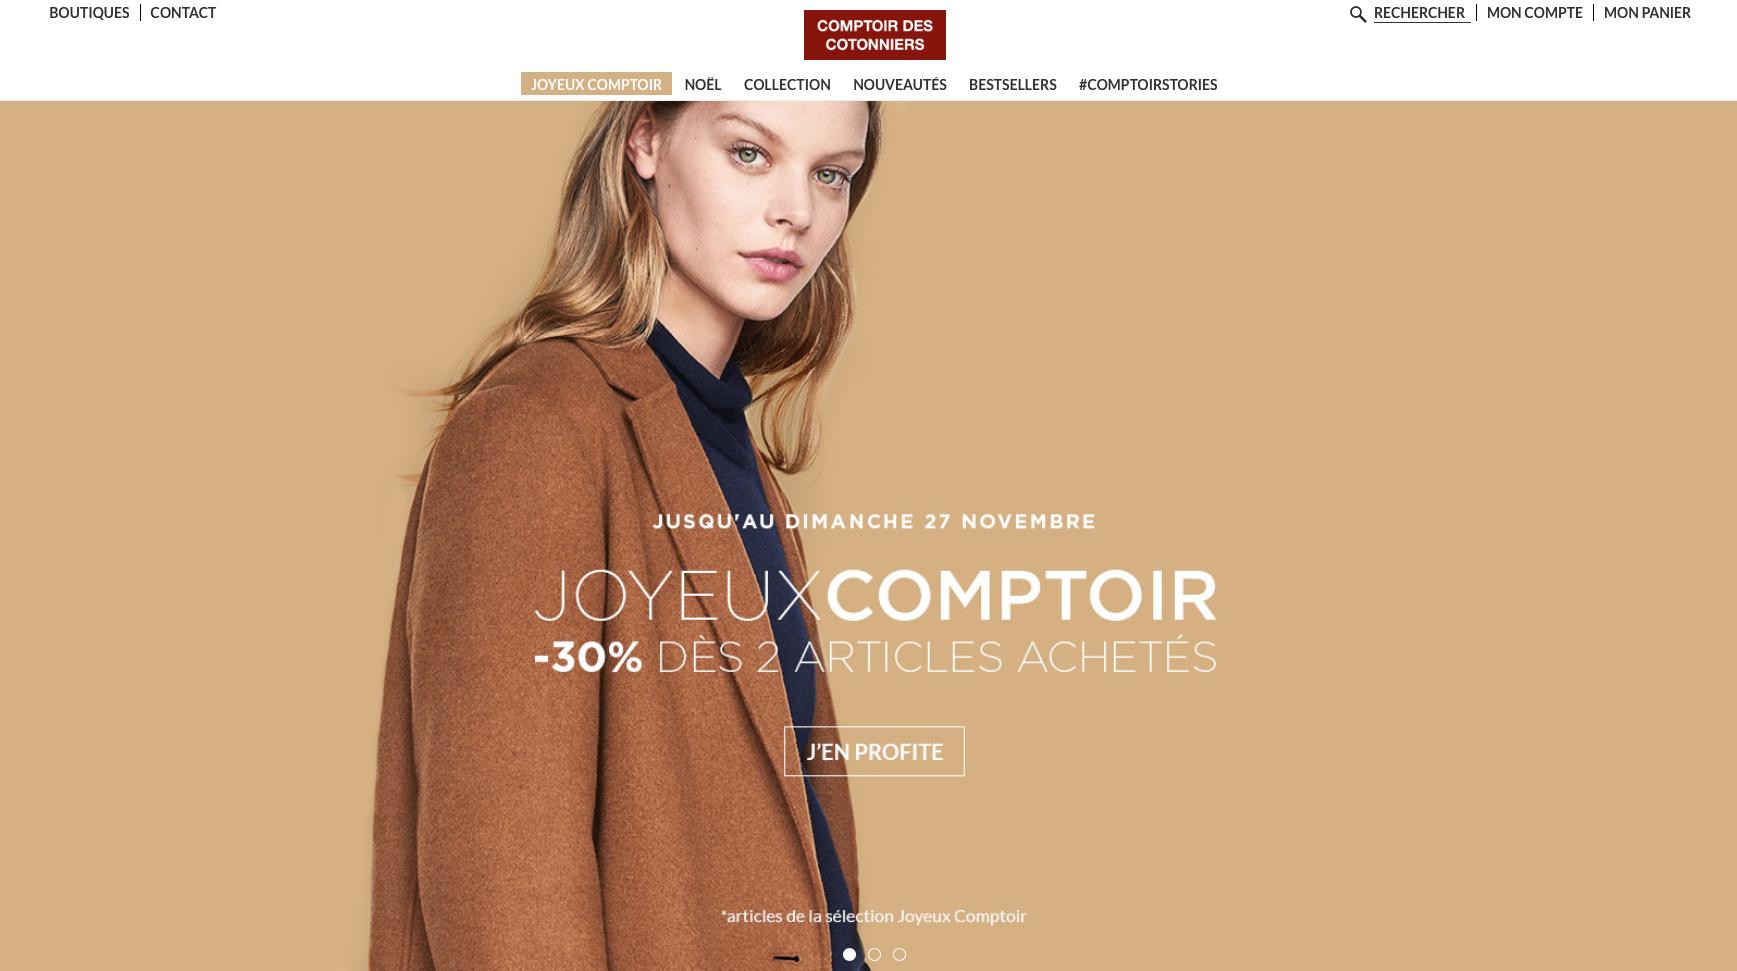 Comptoir des Cotonniers(コントワー・デ・コトニエ)ファッション翻訳